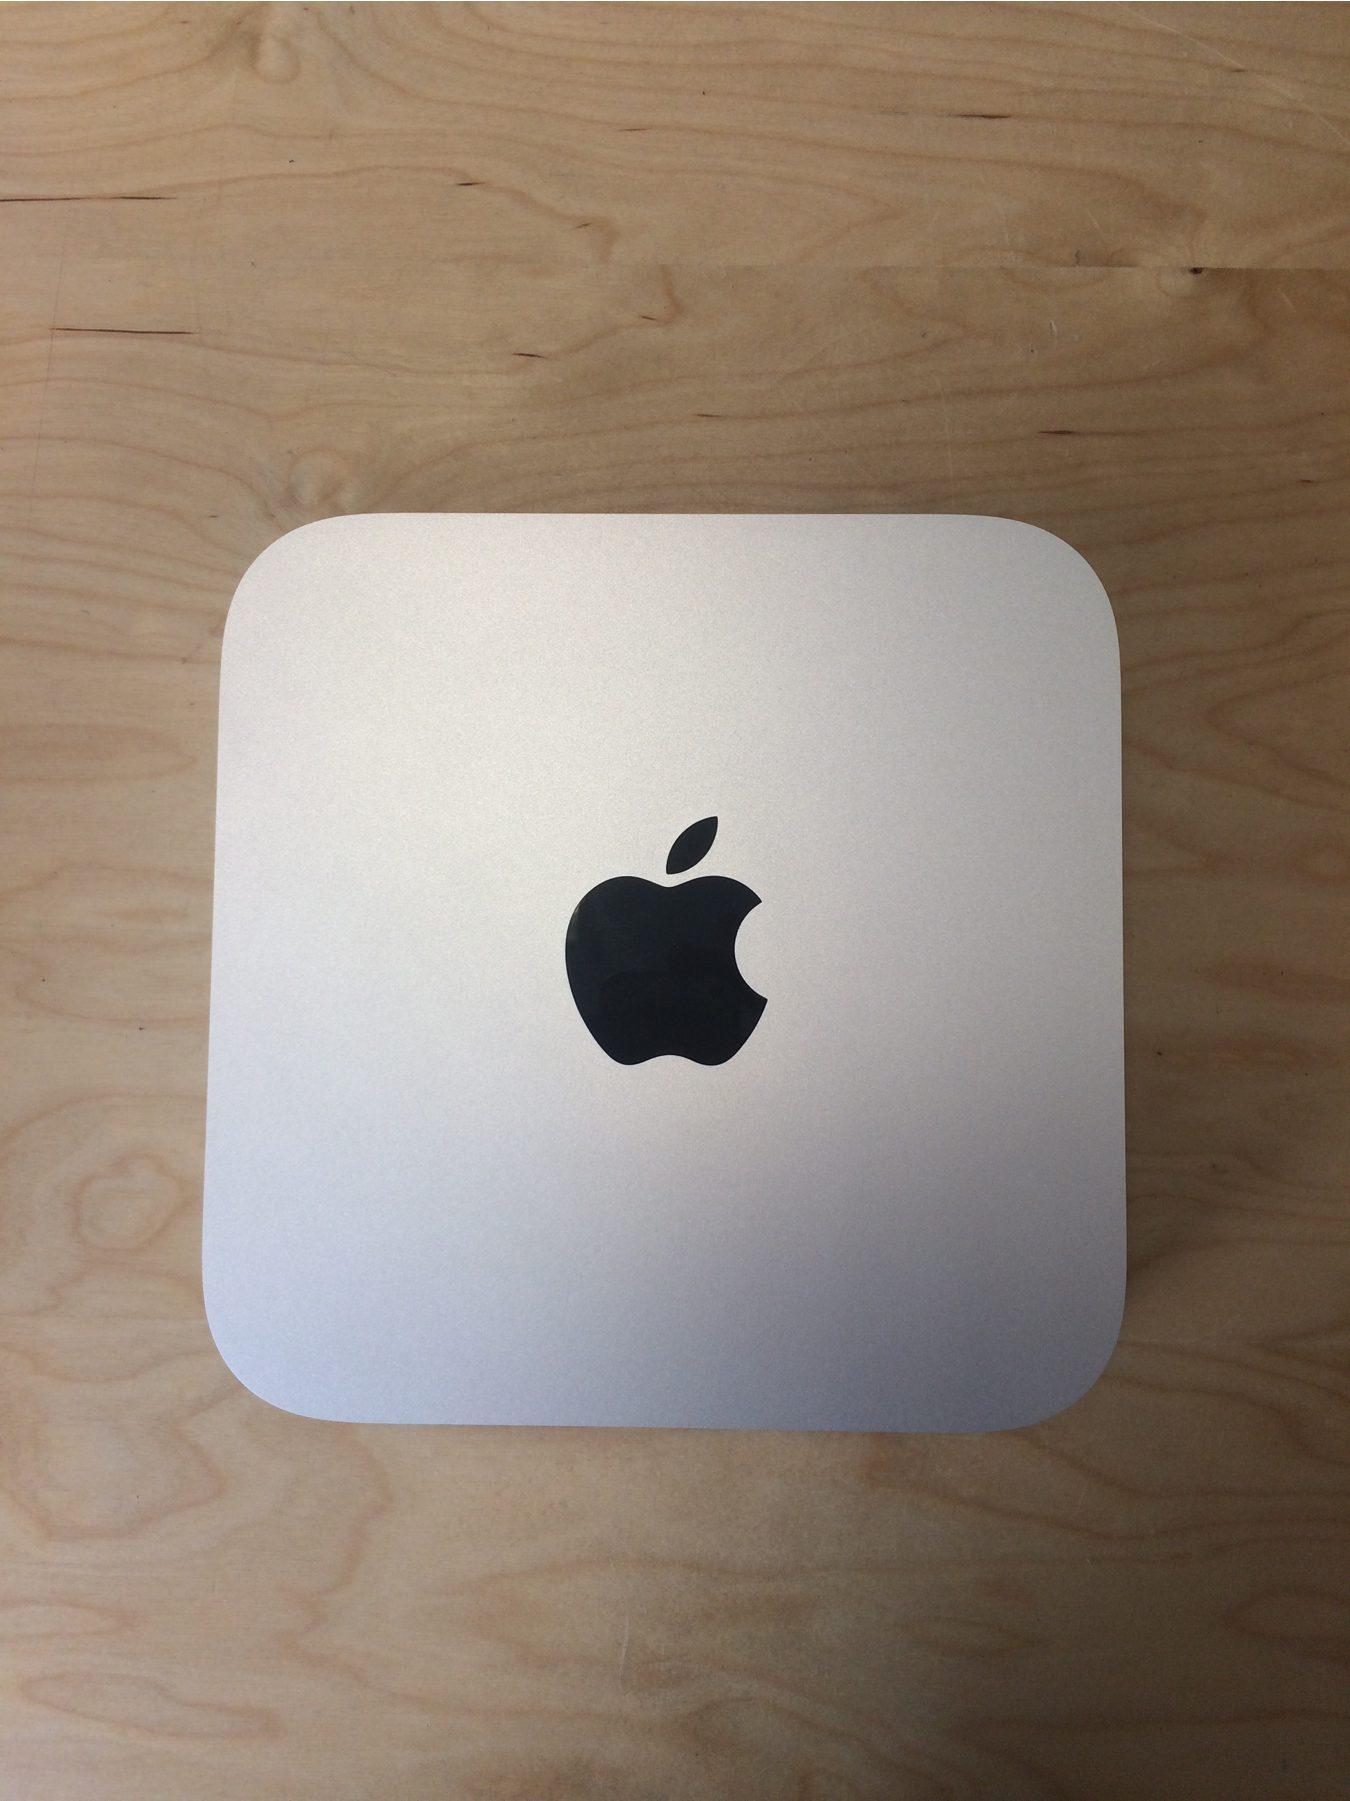 Mac Mini Late 2014 (Intel Core i5 2.6 GHz 8 GB RAM 1 TB HDD), Intel Core i5 2.6 GHz, 8 GB RAM, 1 TB HDD, obraz 3